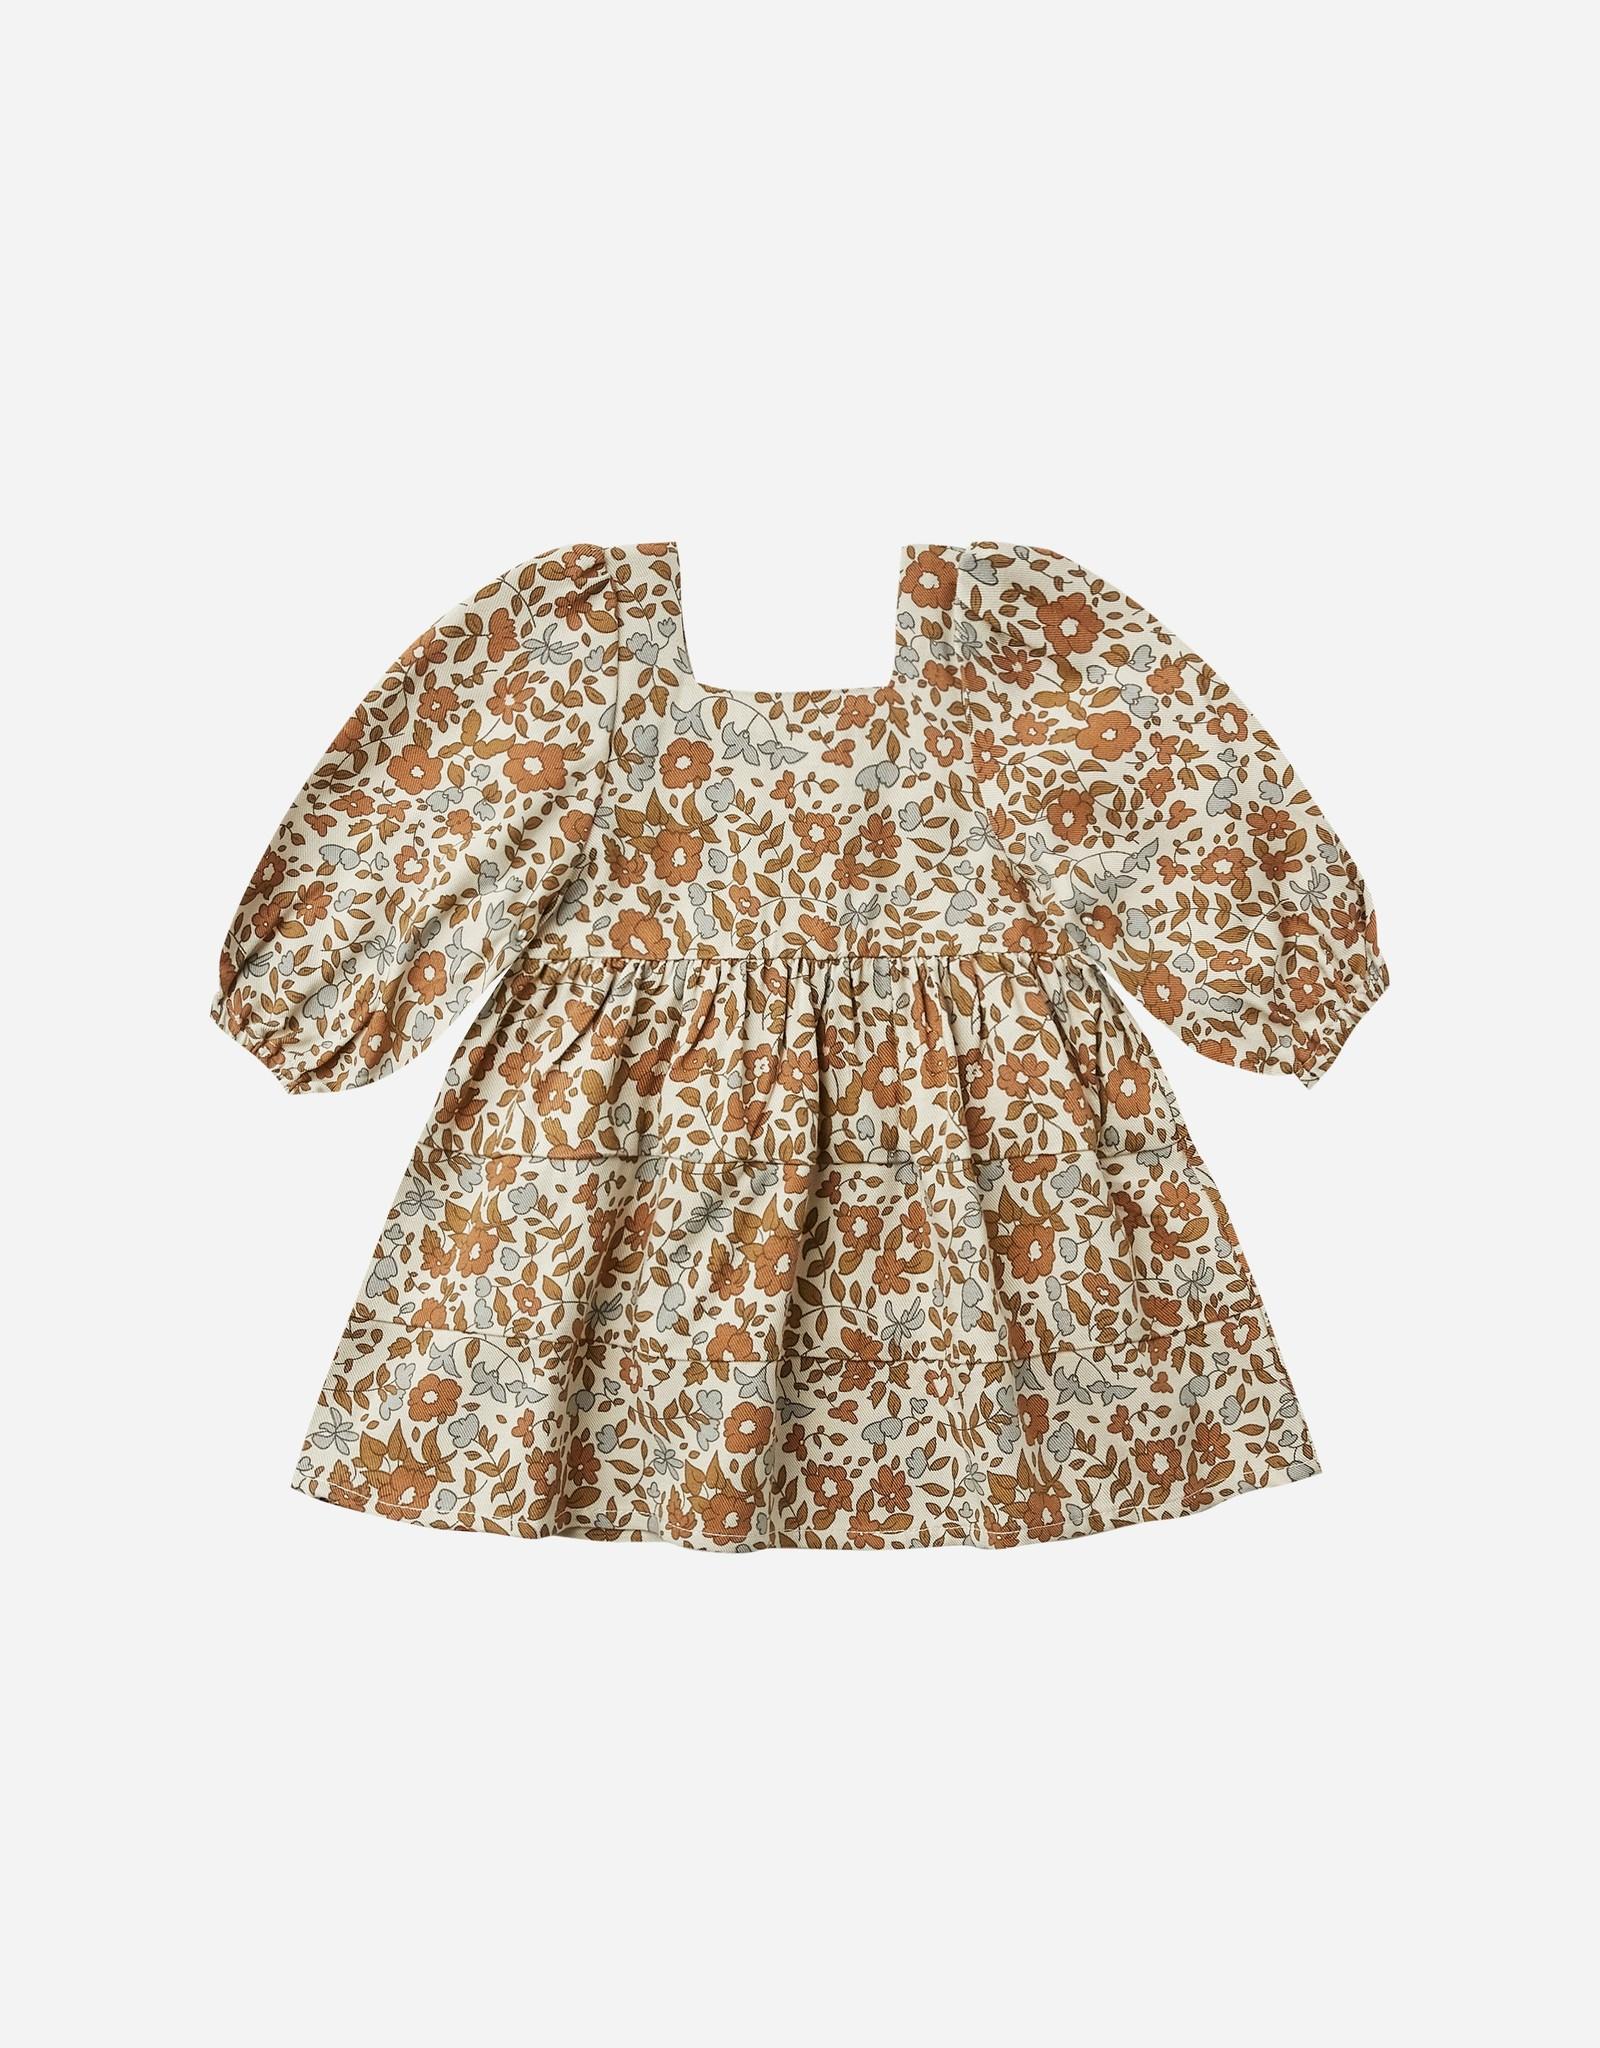 Rylee & Cru Rylee & Cru Greta Dress Bloom